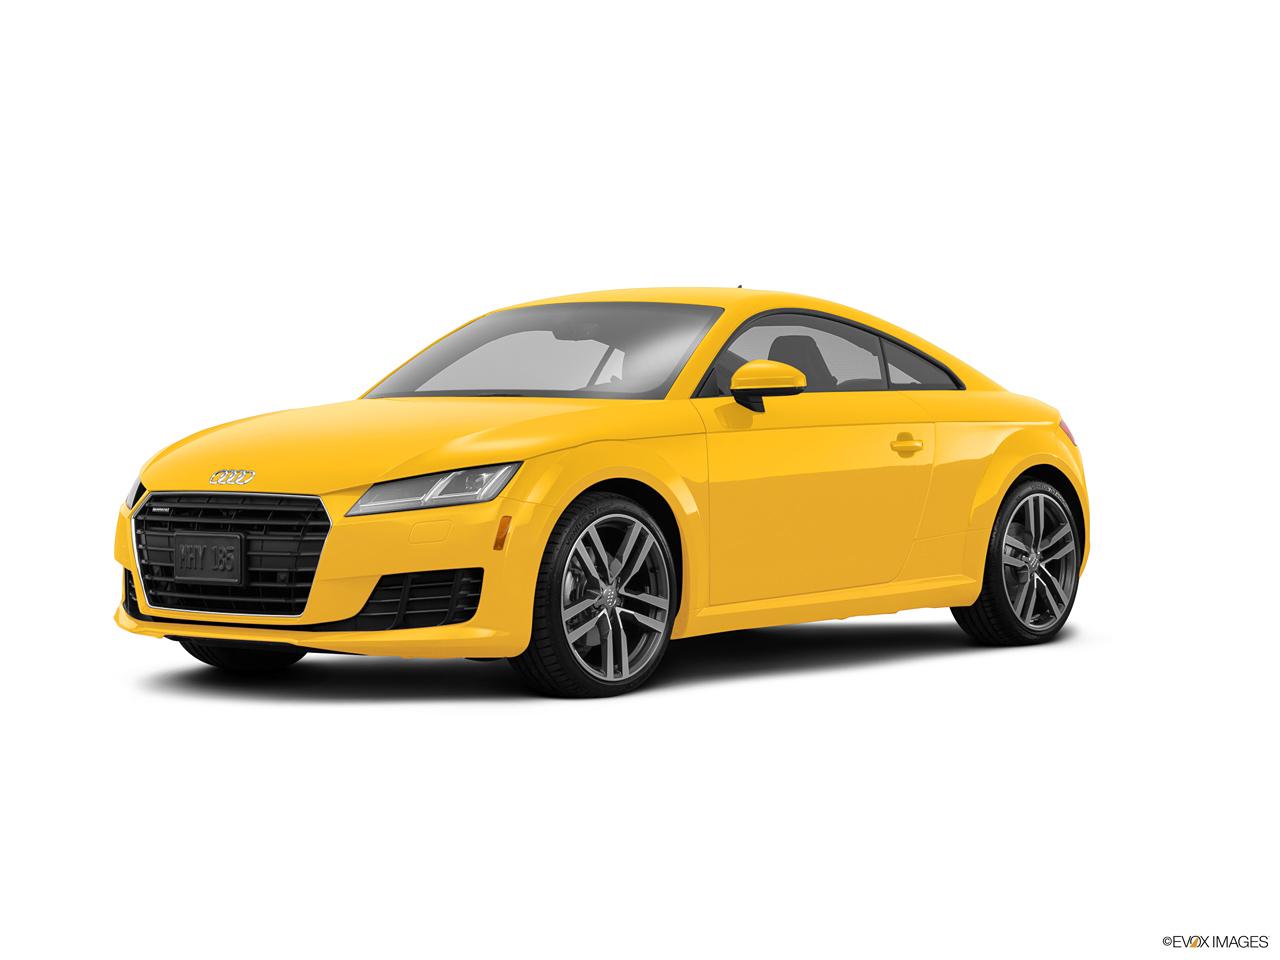 car pictures list for audi tt 2016 roadster 2 0l 227 hp fwd uae yallamotor. Black Bedroom Furniture Sets. Home Design Ideas